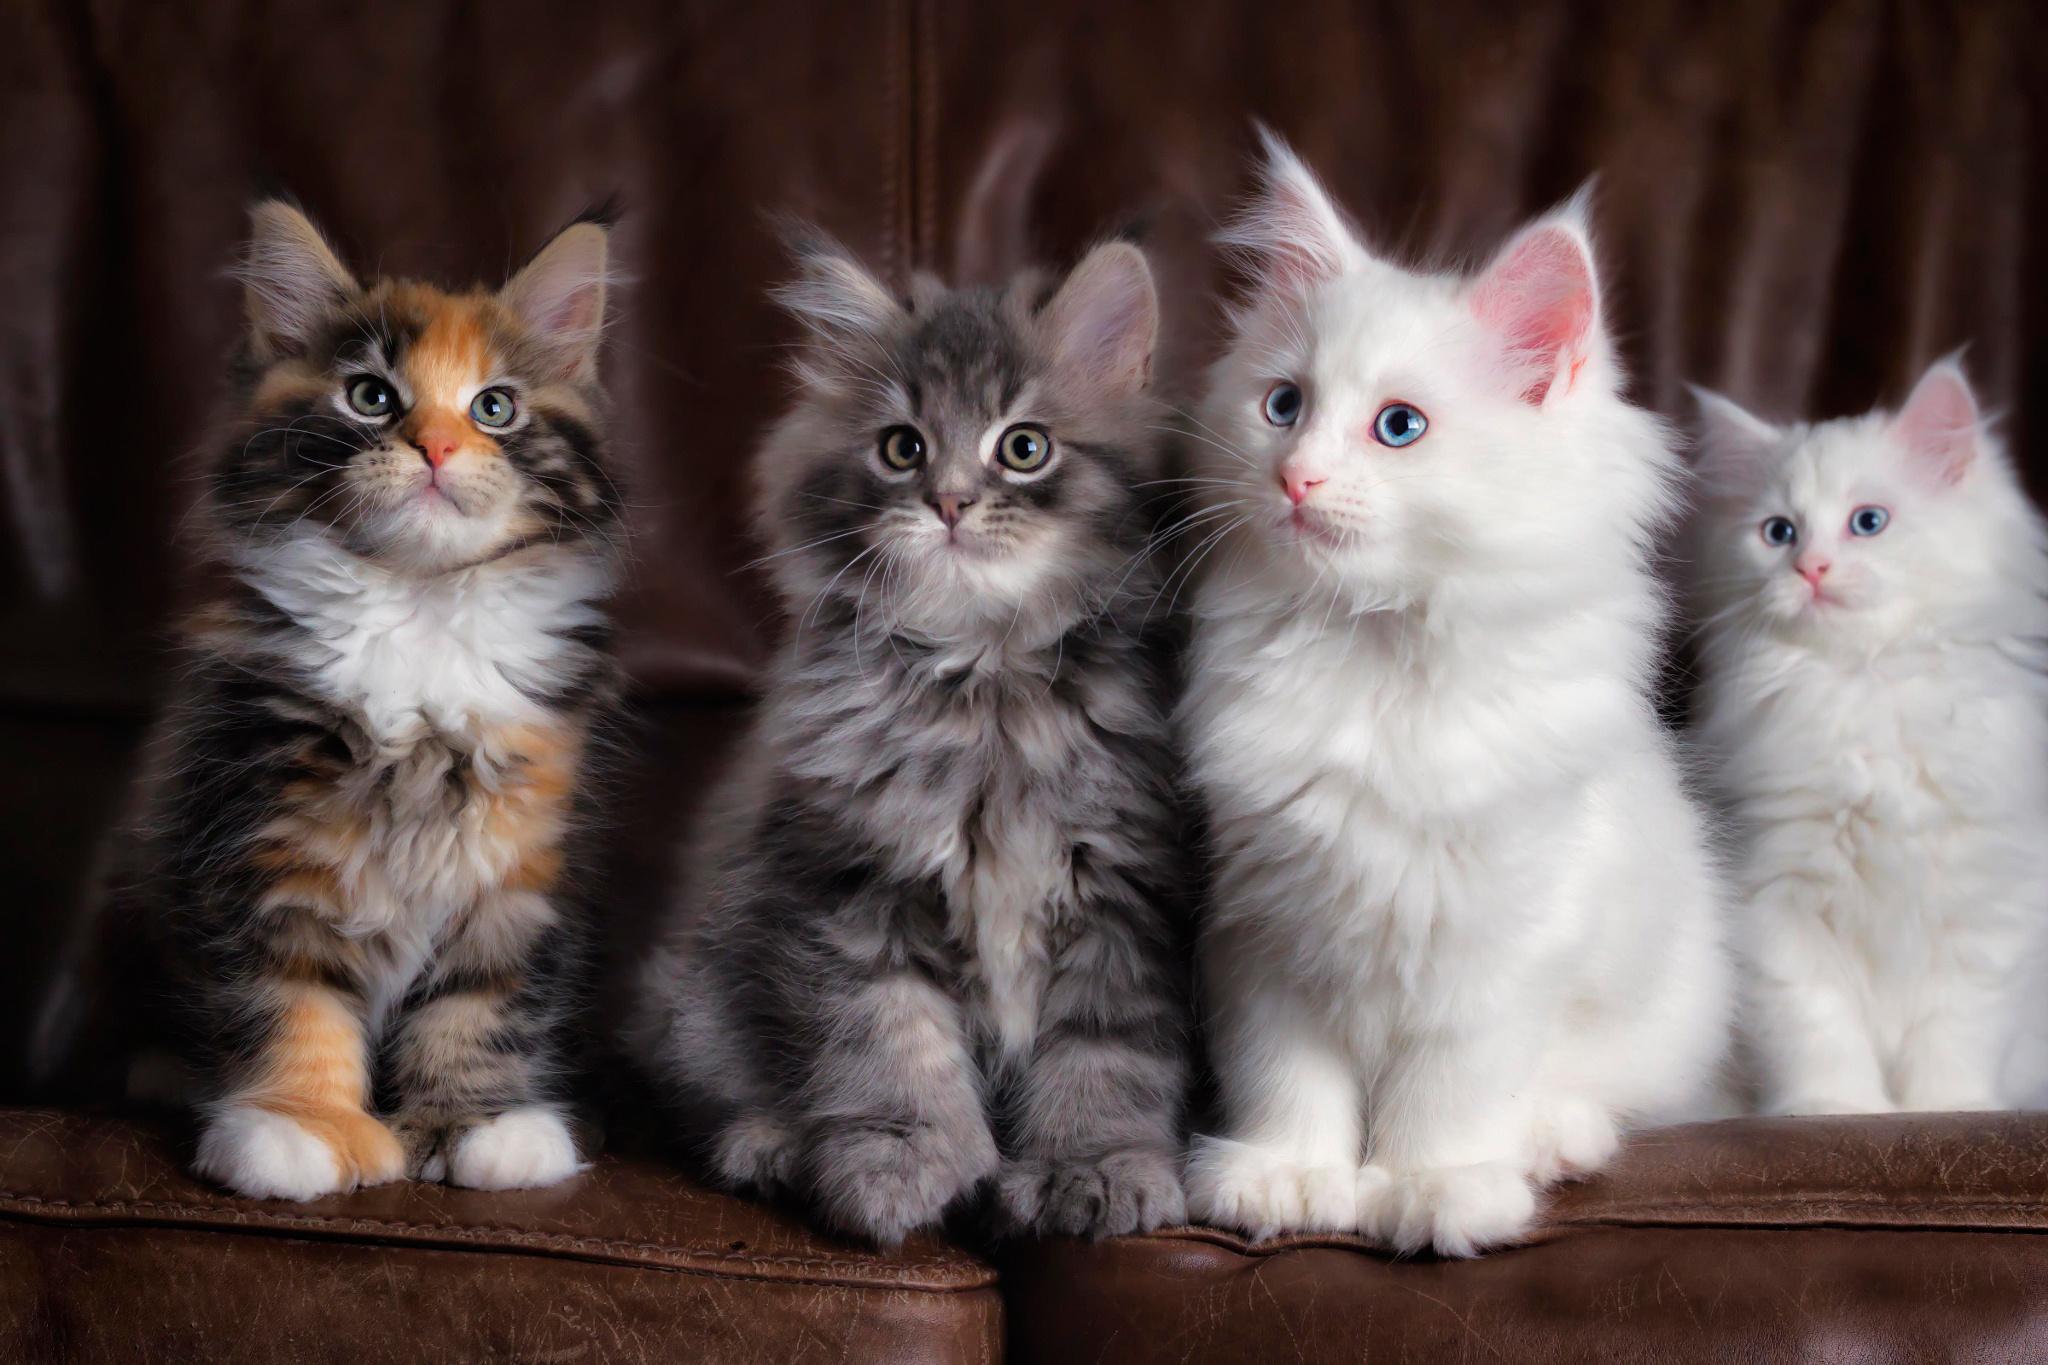 デスクトップ壁紙 カラフル ネコ 子猫 ウィスカー 可愛い